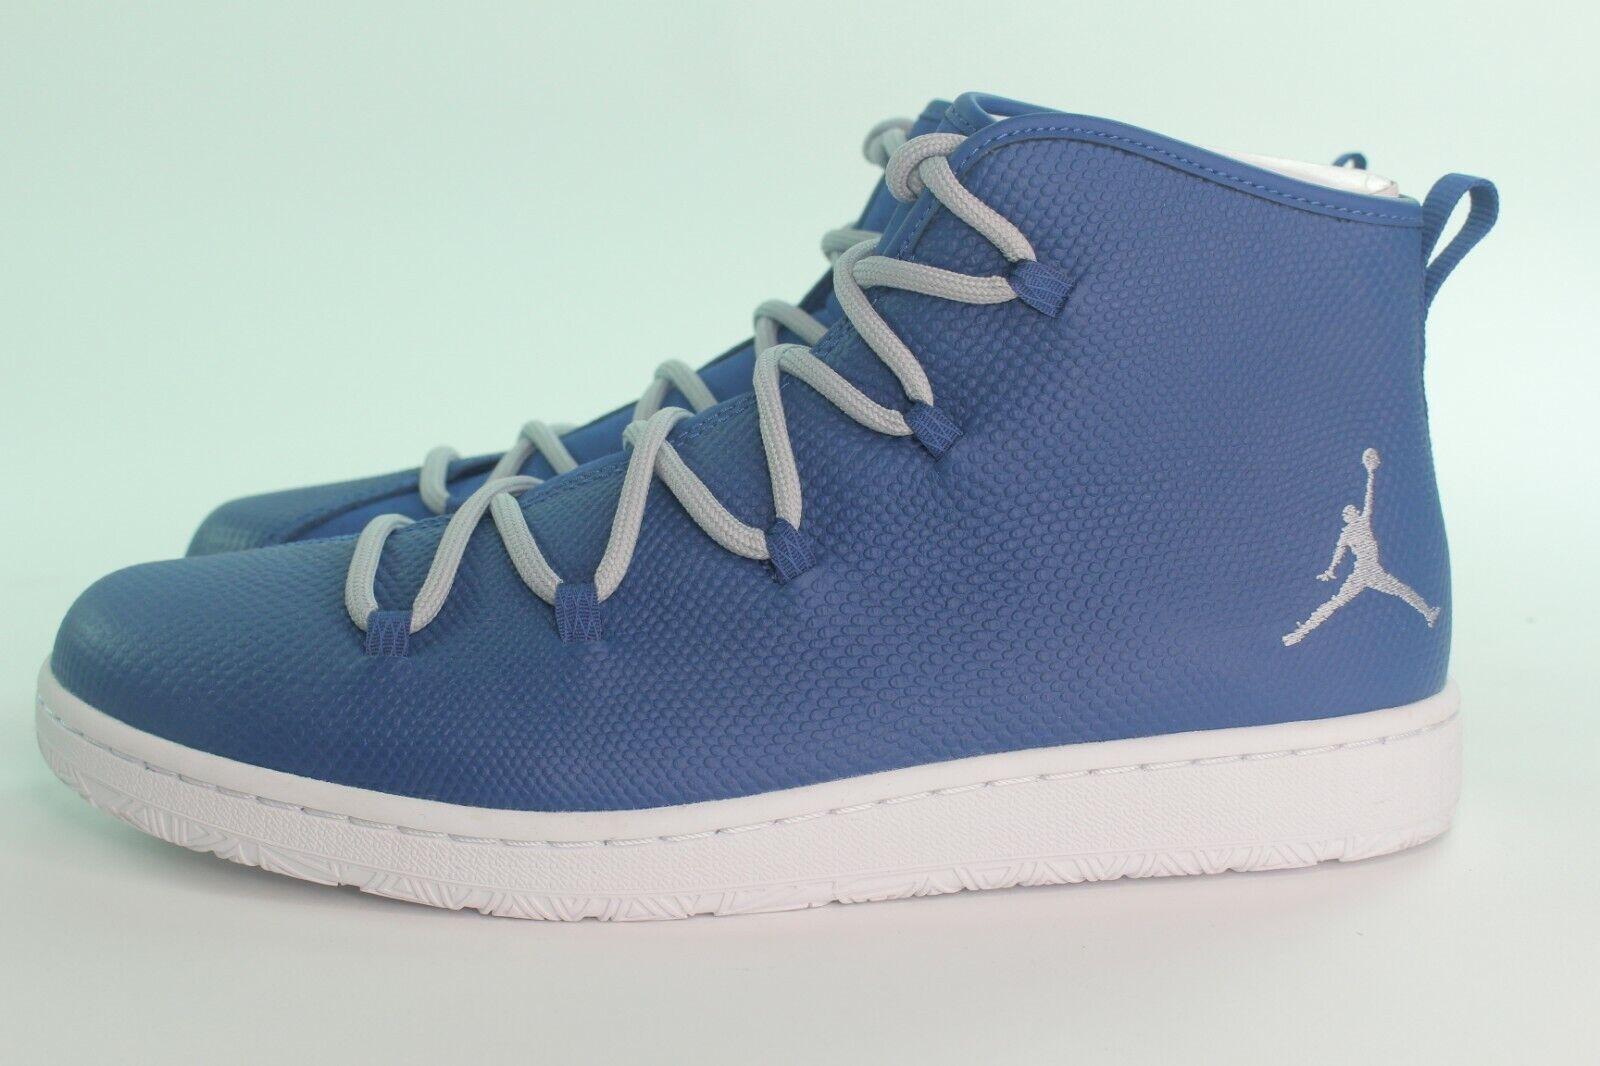 Jordan Galaxy hombre talla 9,5 francos azul nuevo C - modo raro elegante.